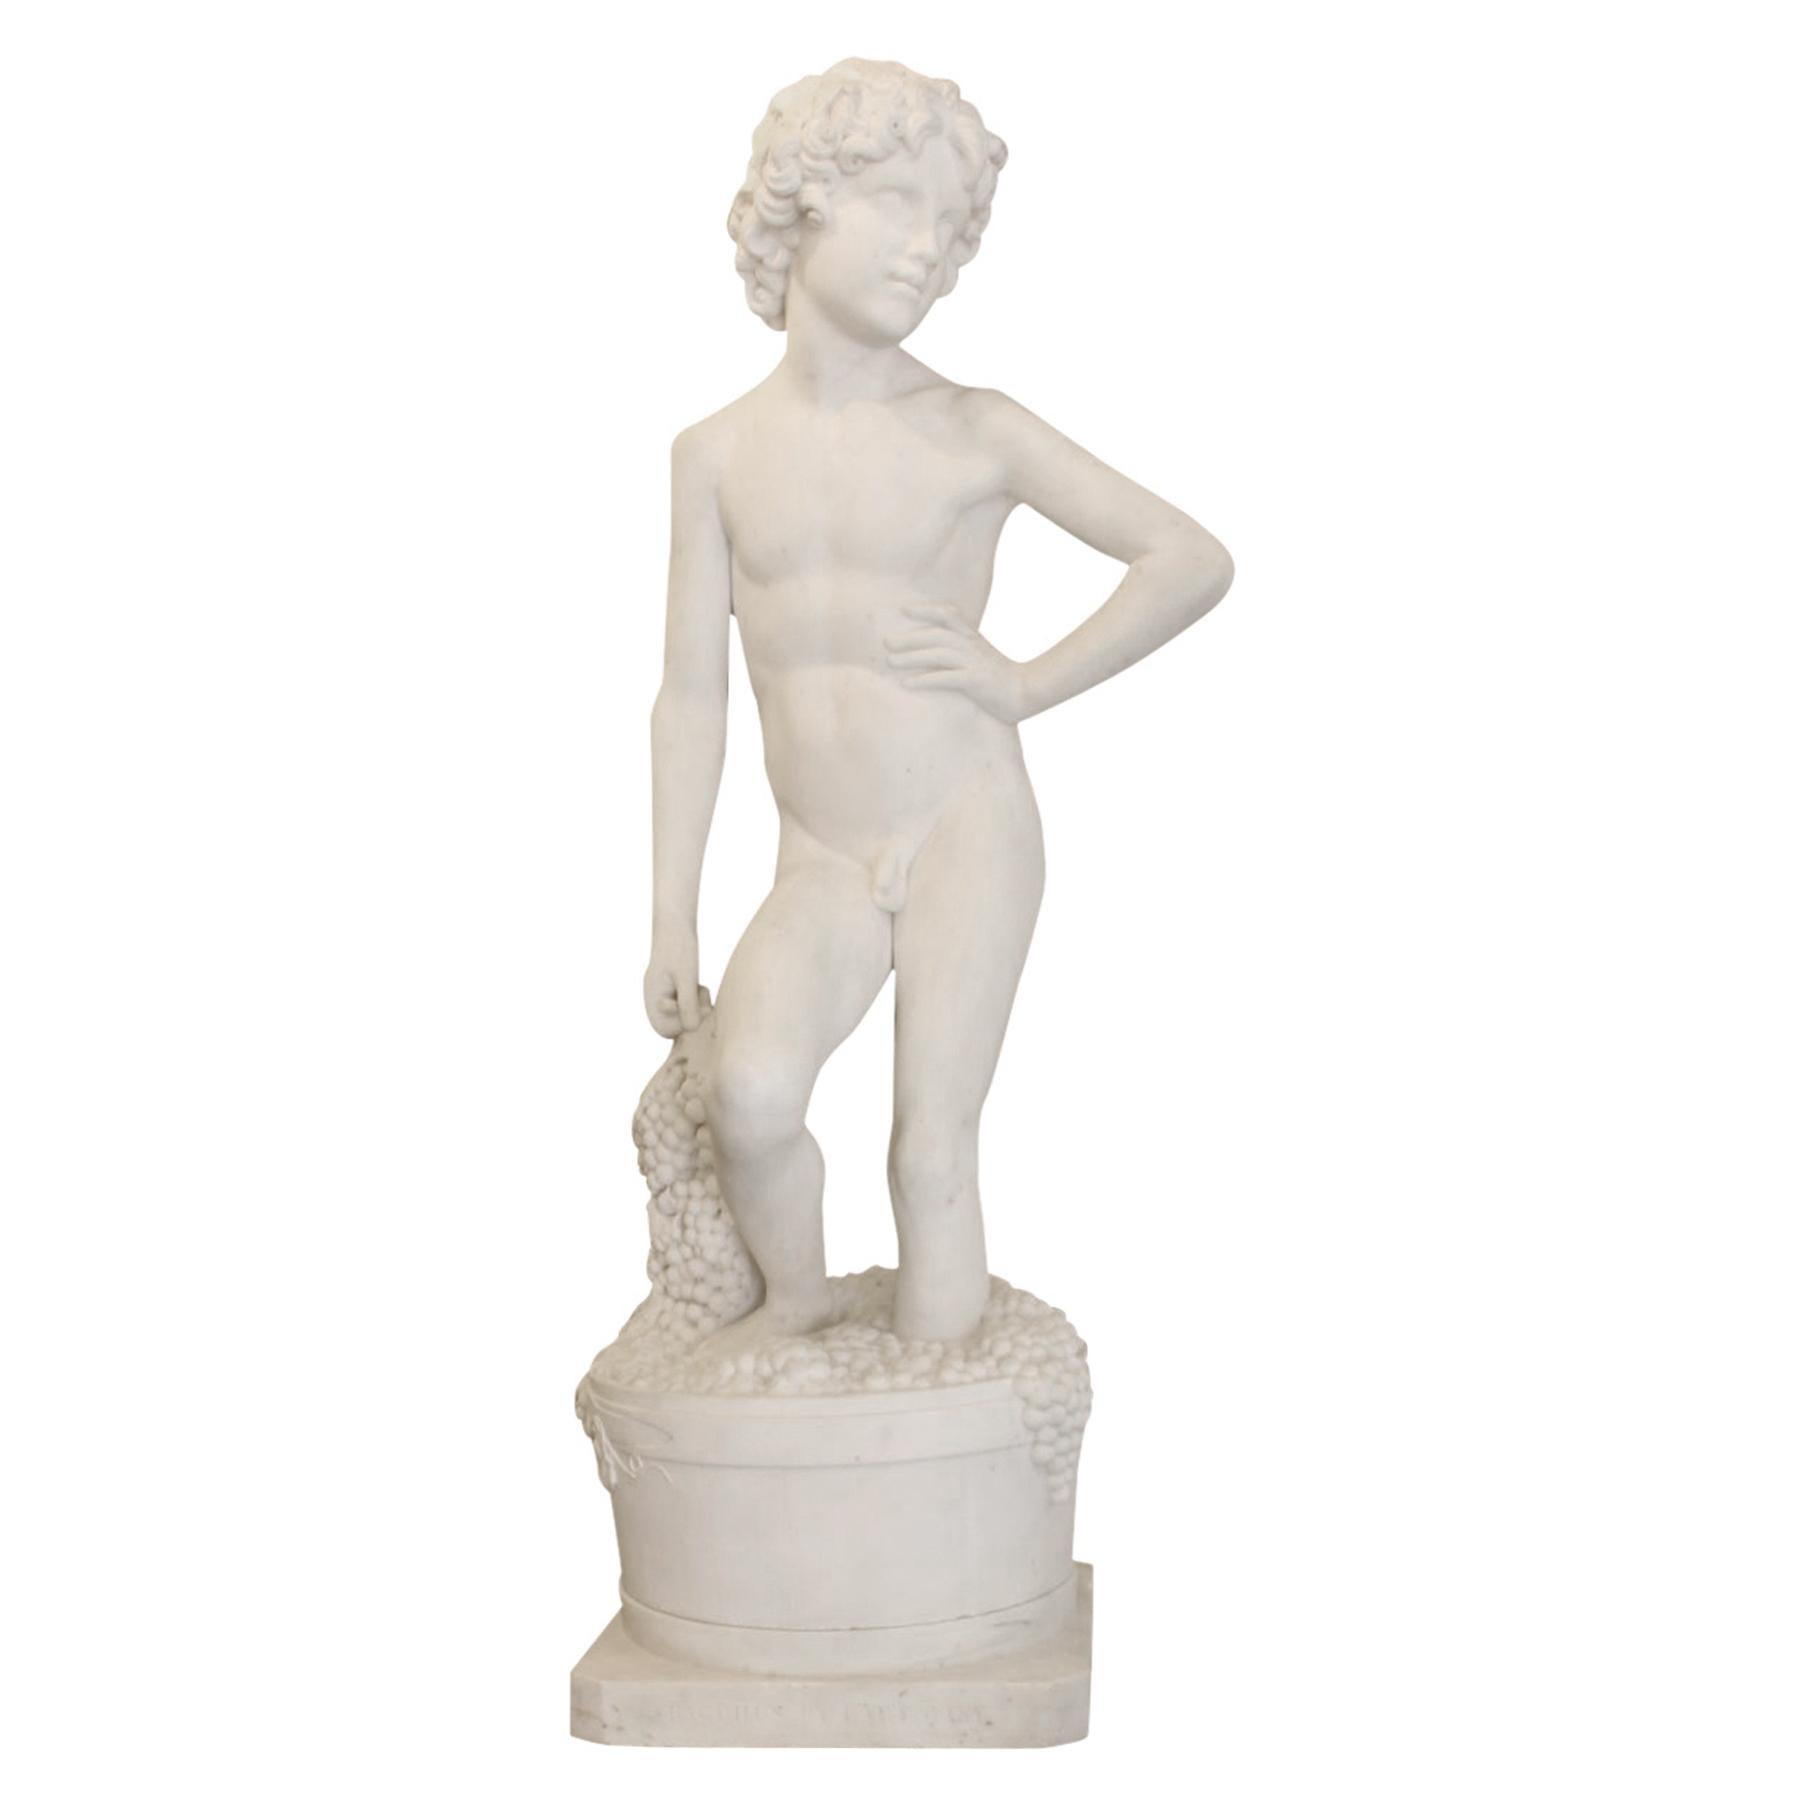 19th Century White Carrara Marble Sculpture by Pietro Bazzanti